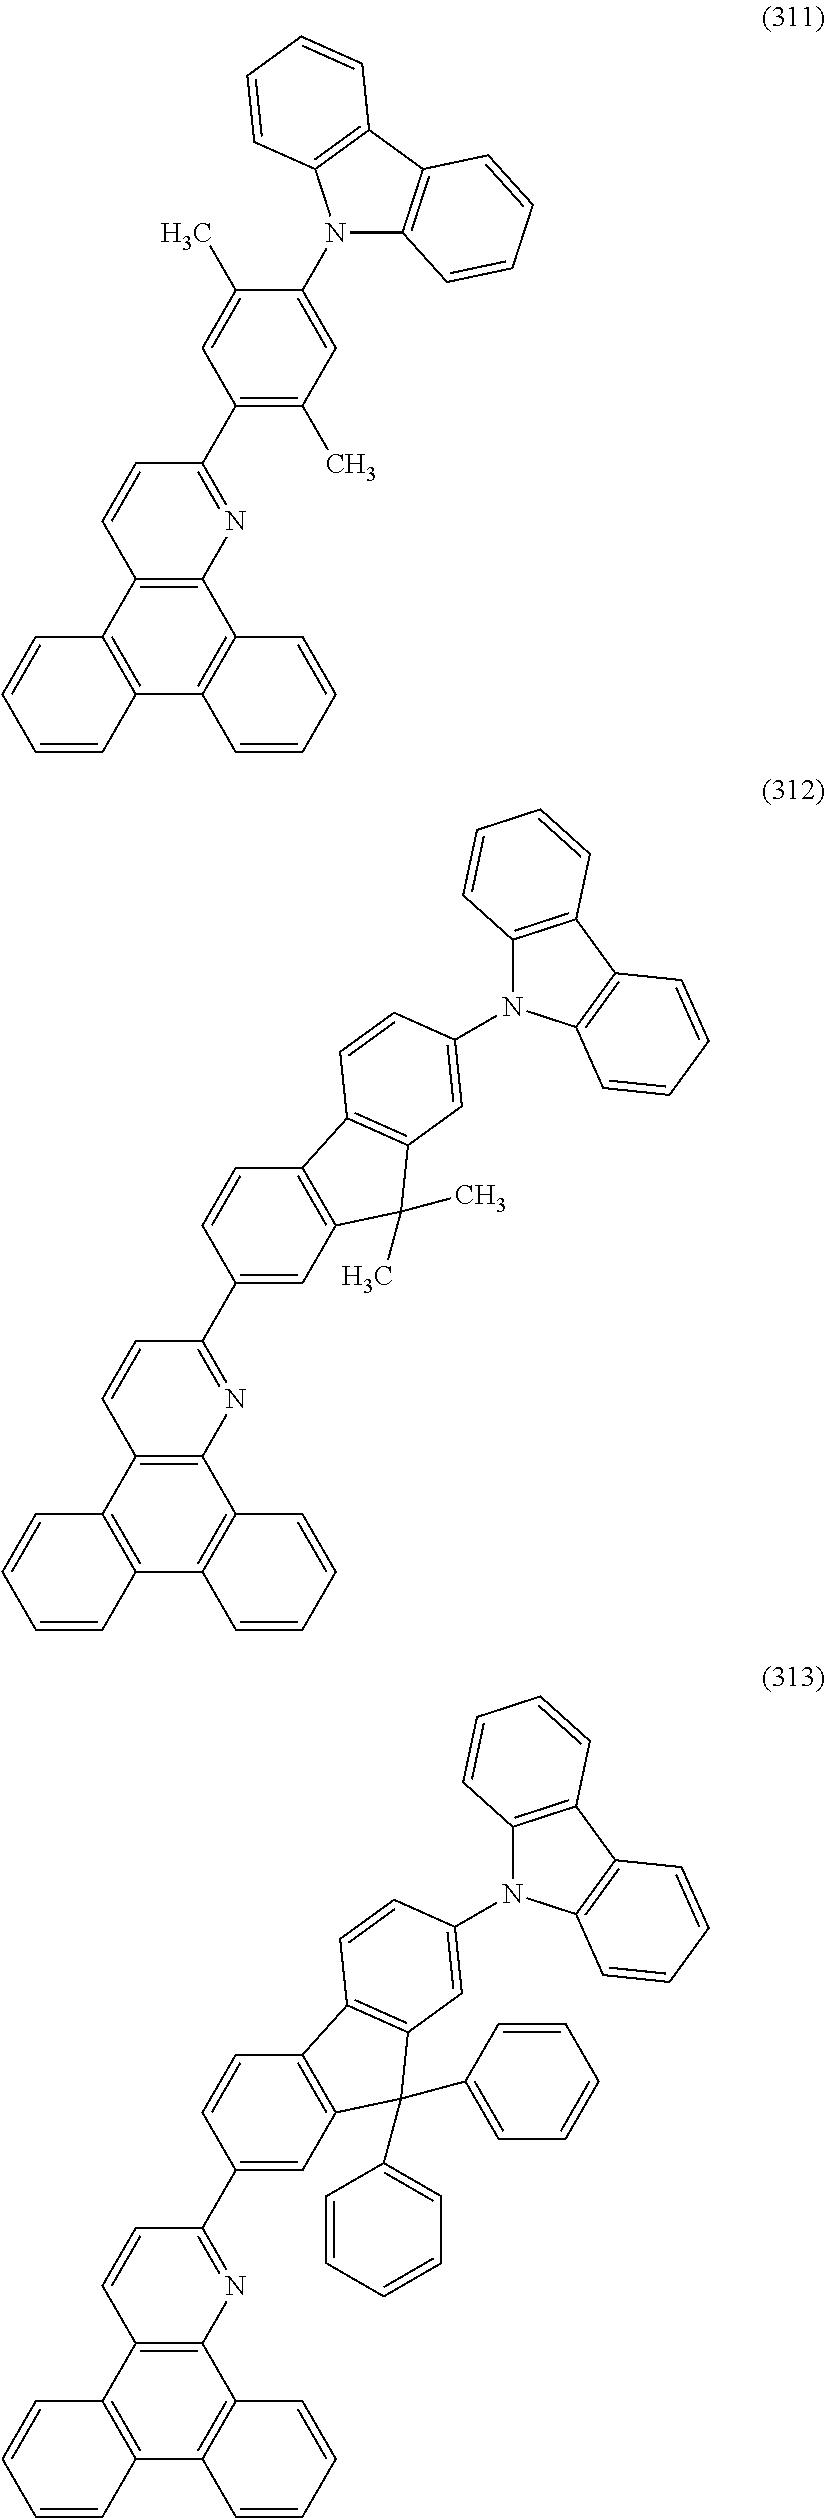 Figure US09843000-20171212-C00054